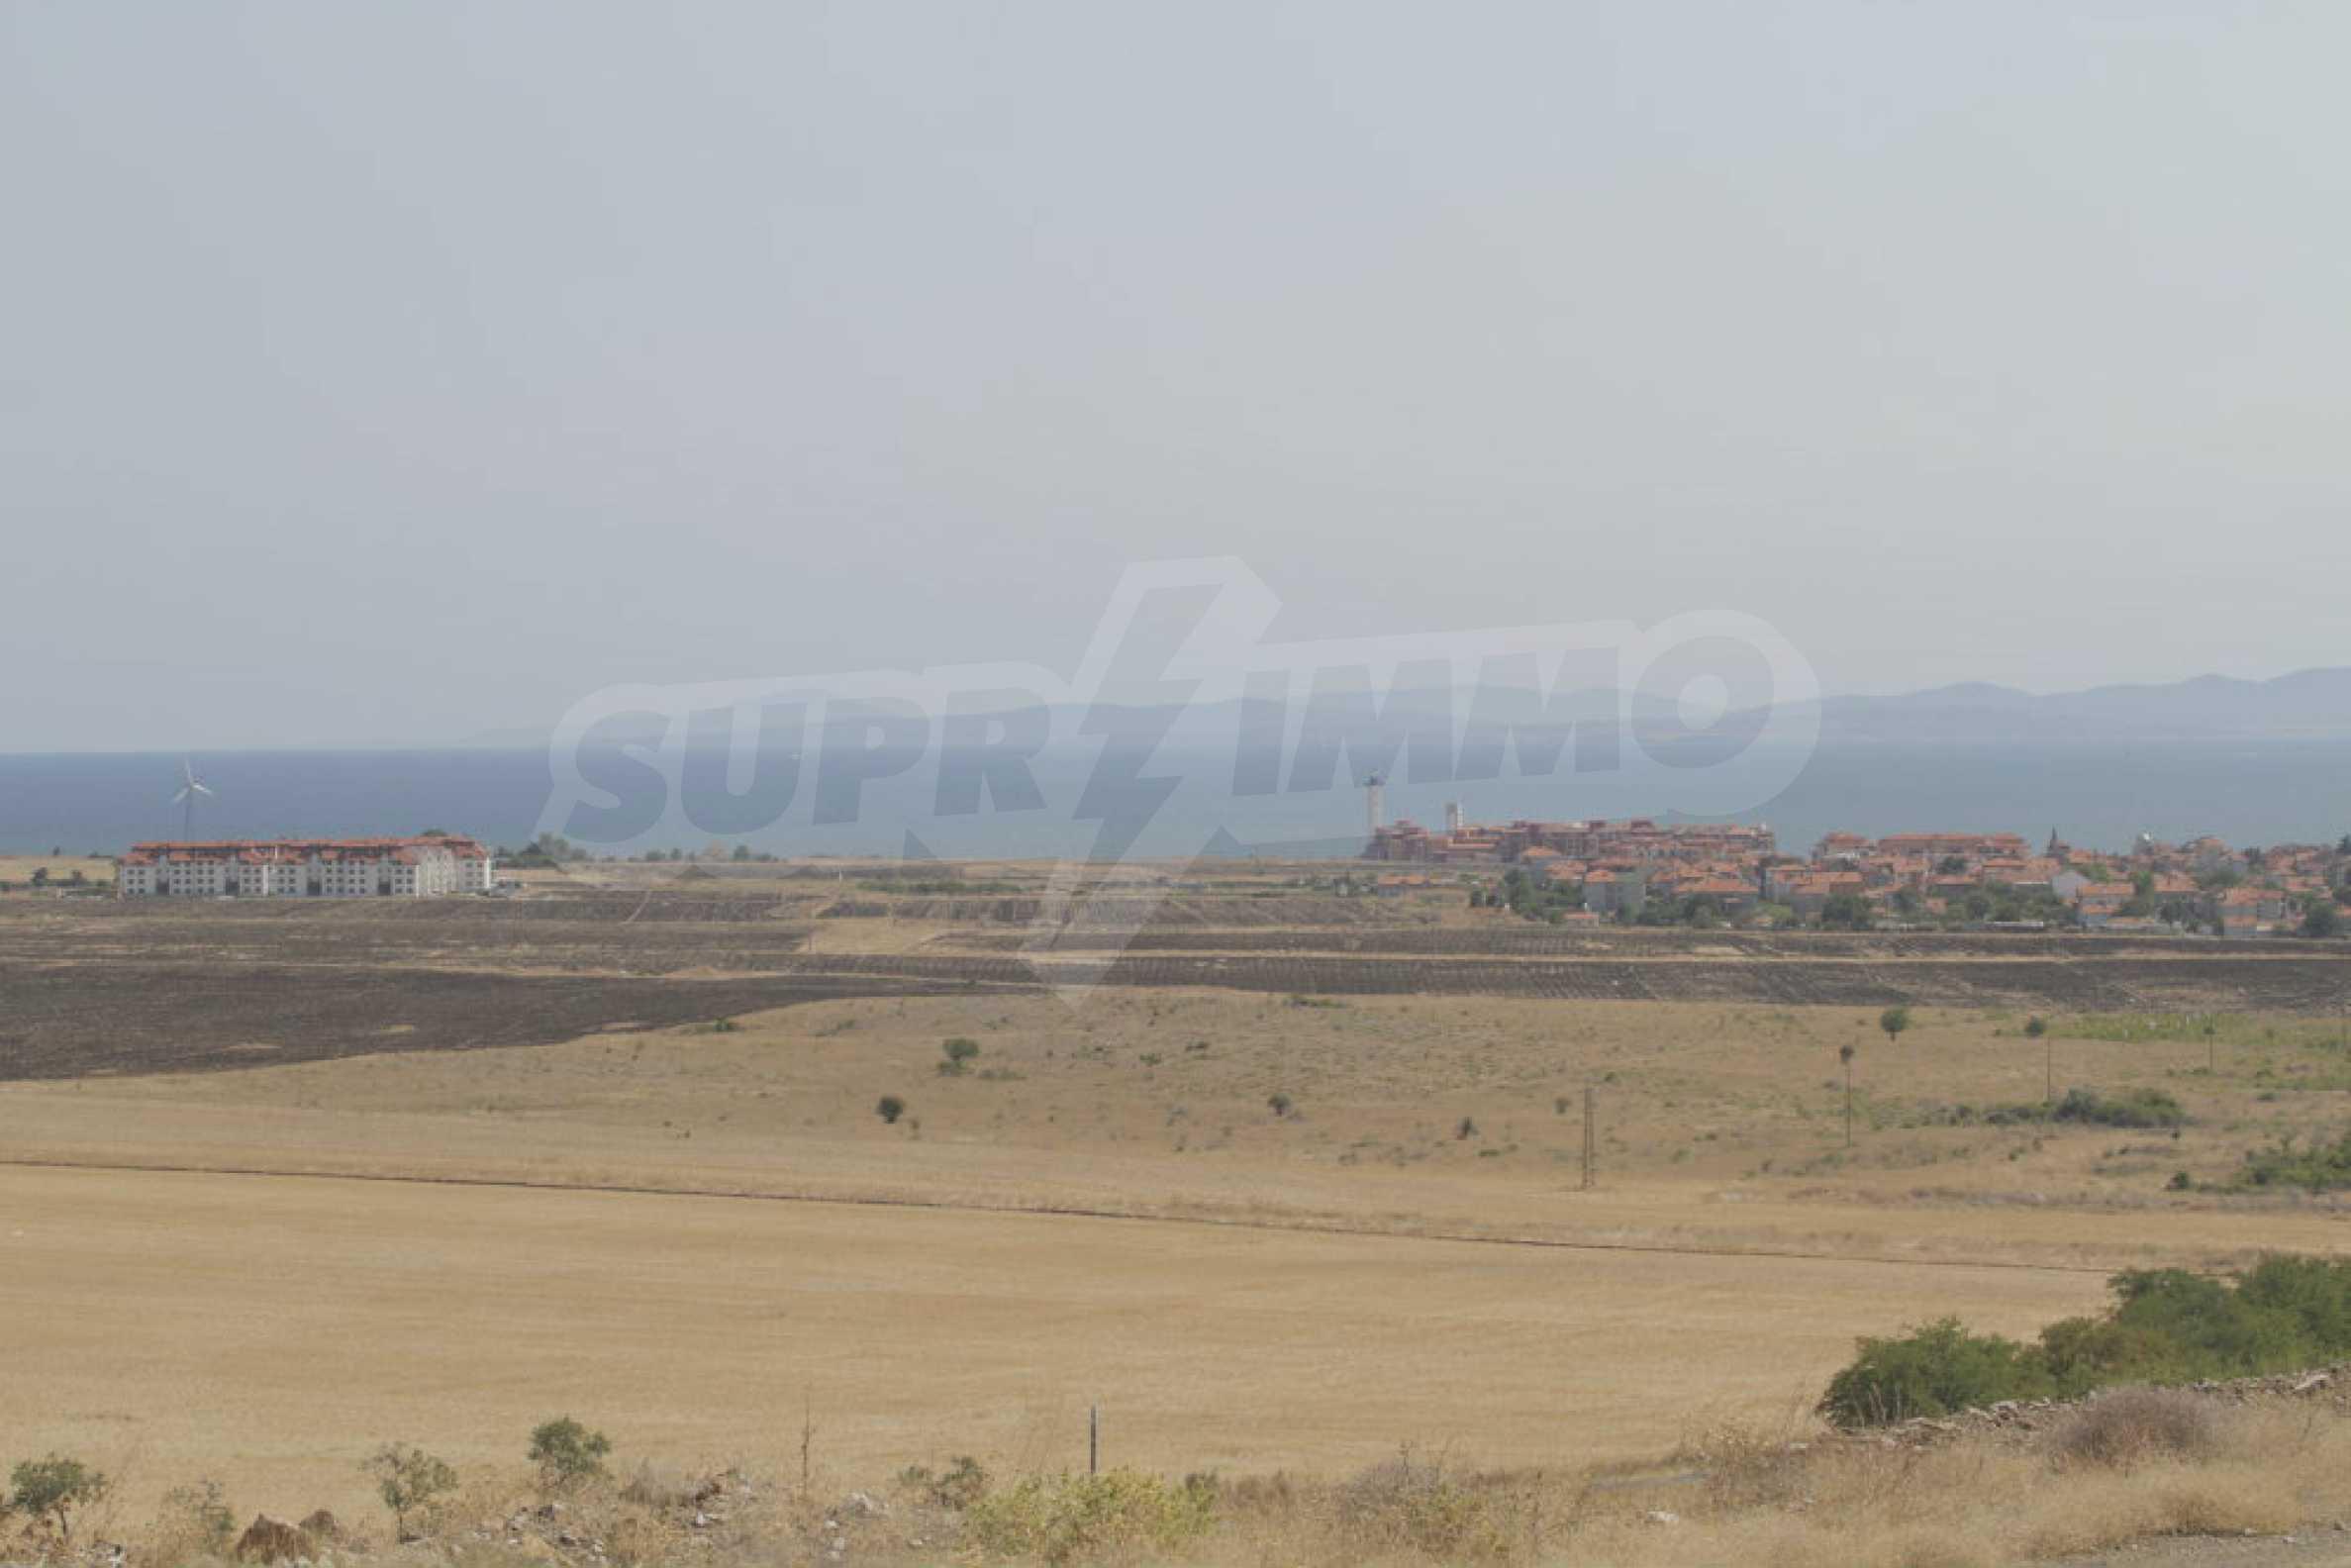 Attraktives Grundstück für Investieren in der Nähe des historischen Komplexes Aheloy 917 und Sonnenstrand, bei Tankowo und Aheloy 14